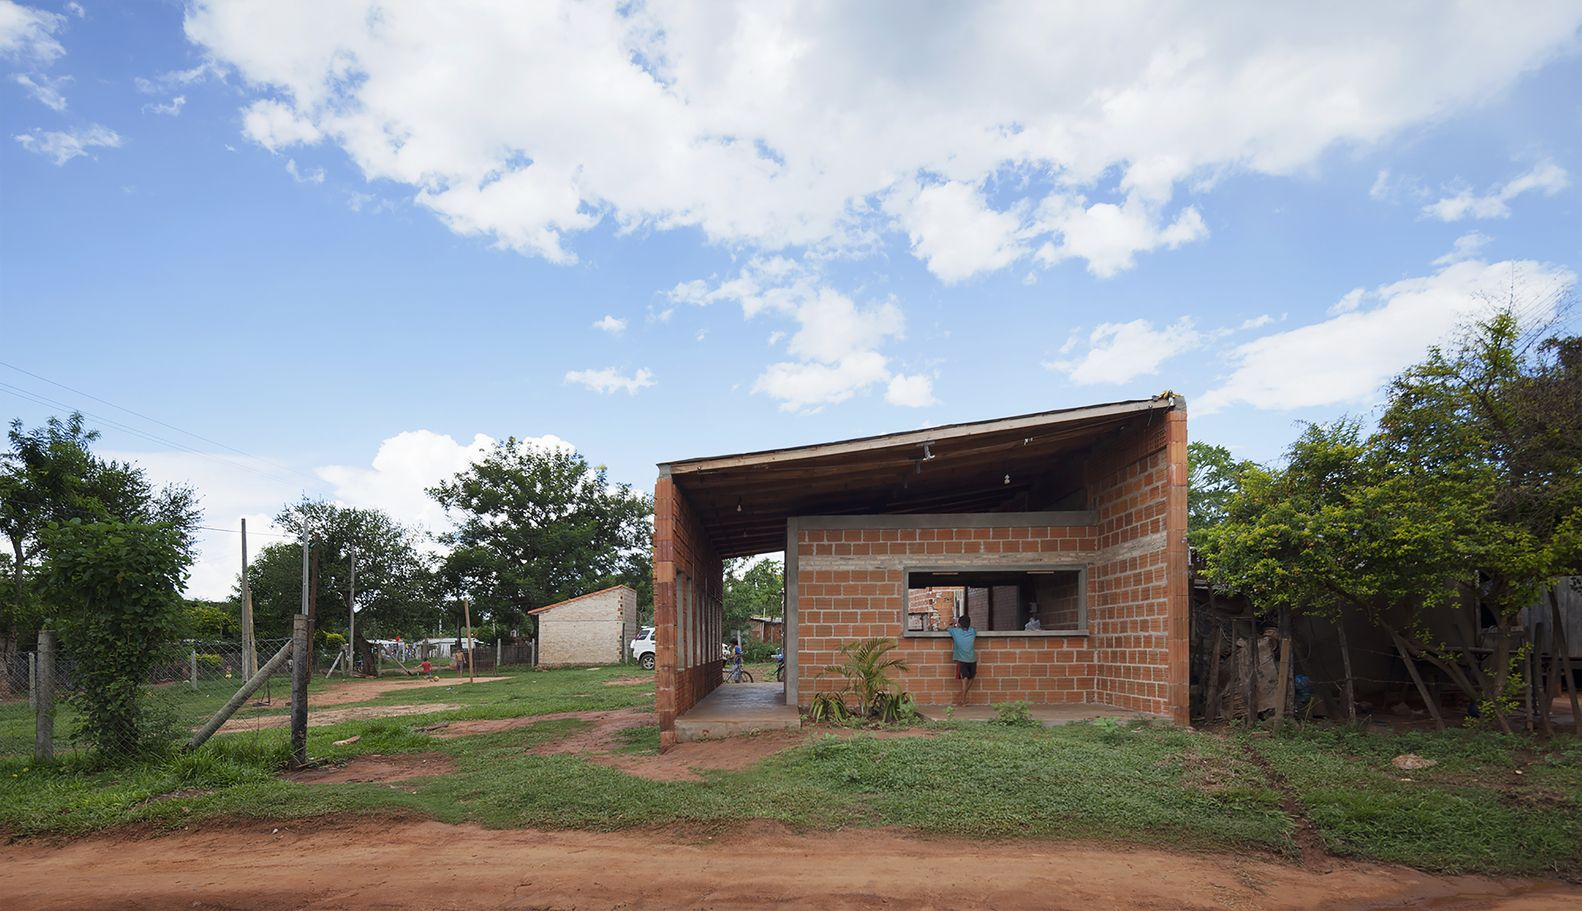 Centro De Desarrollo Comunitario Luque Paraguay Oca Bonini  # Carmelo Muebles Luque